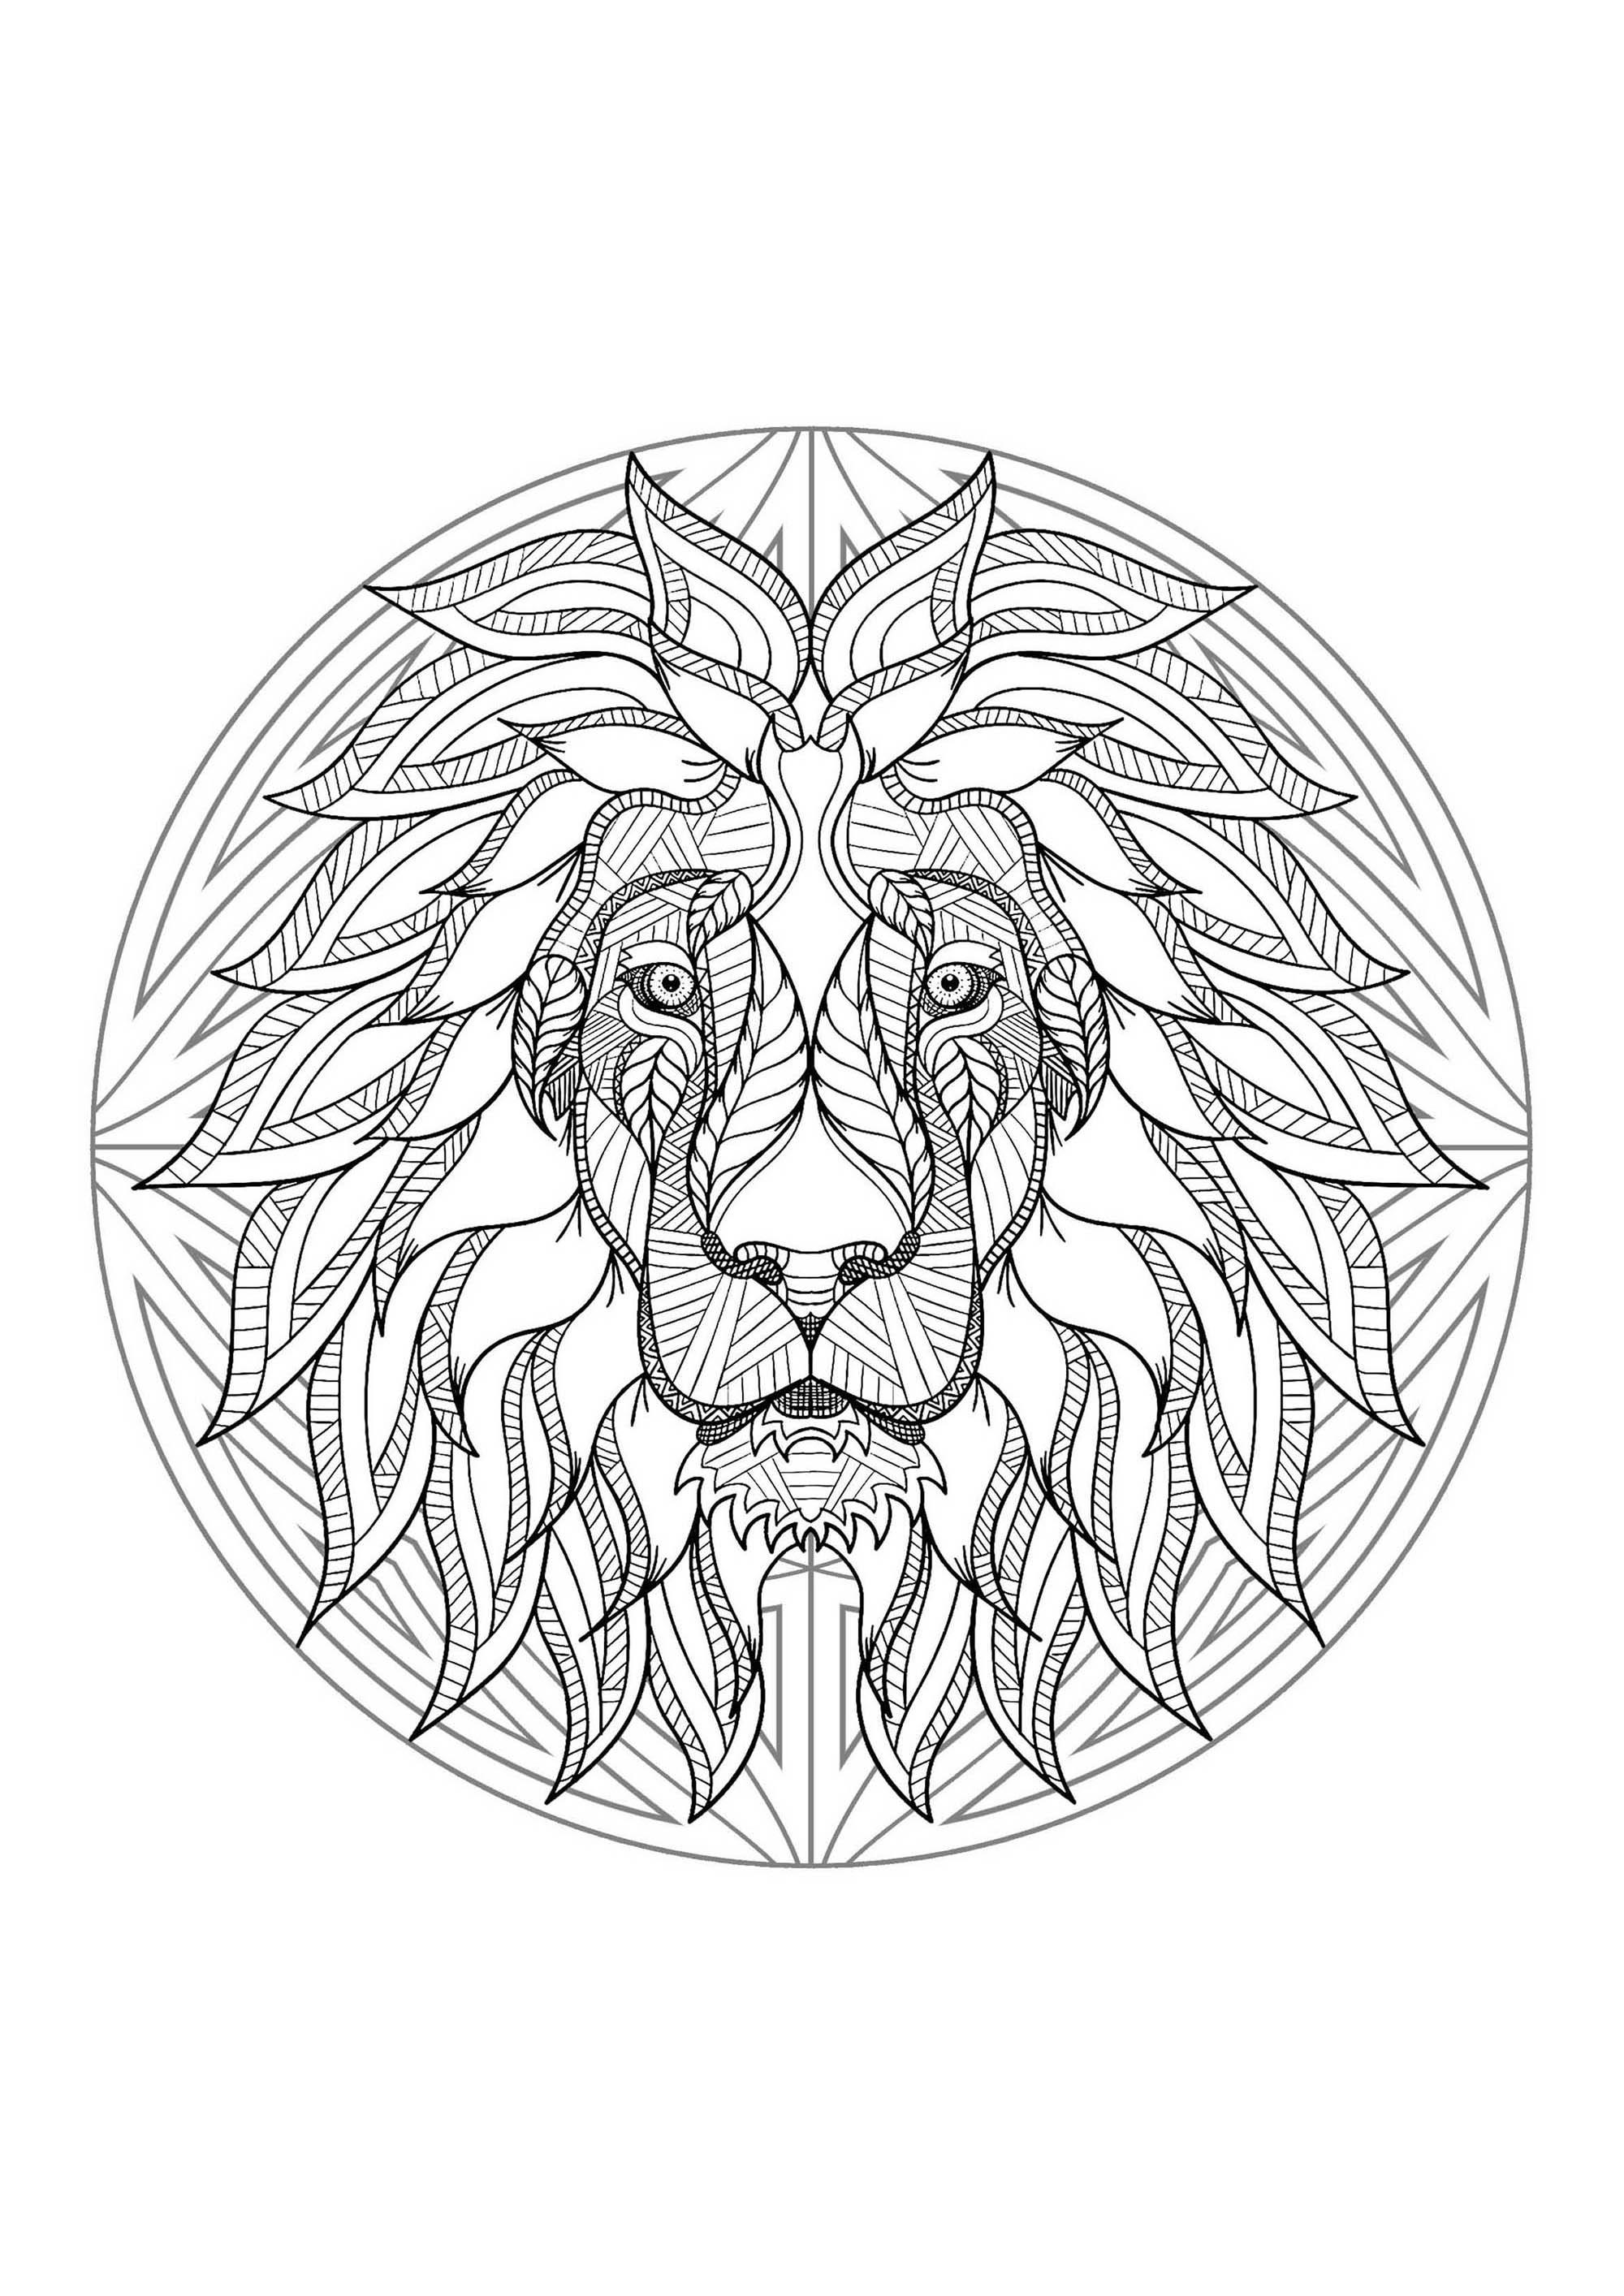 Mandala Tete Lion 4 - Mandalas - Coloriages Difficiles à Coloriage Mandala A Imprimer